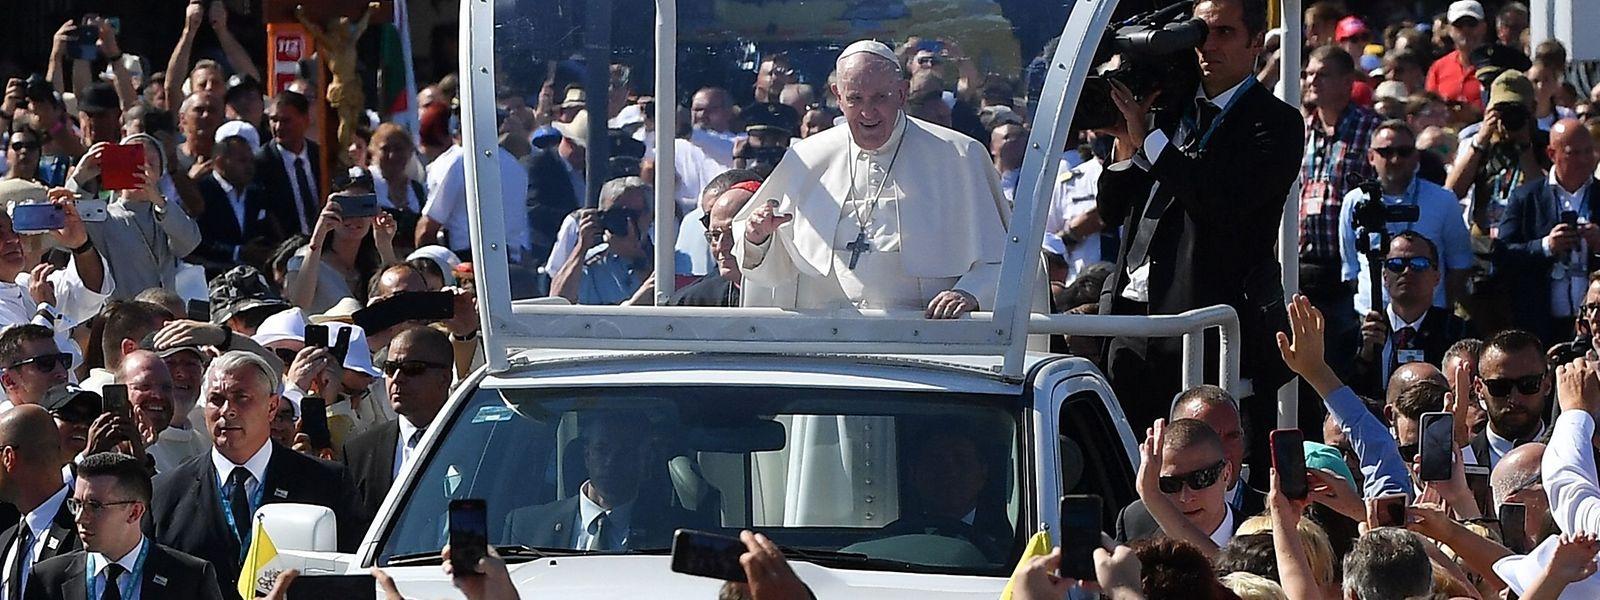 Zehntausende Menschen begrüßen Papst Franziskus auf seinem Weg zum Heldenplatz in Budapest, wo ein großer Freiluftgottesdienst stattfindet.